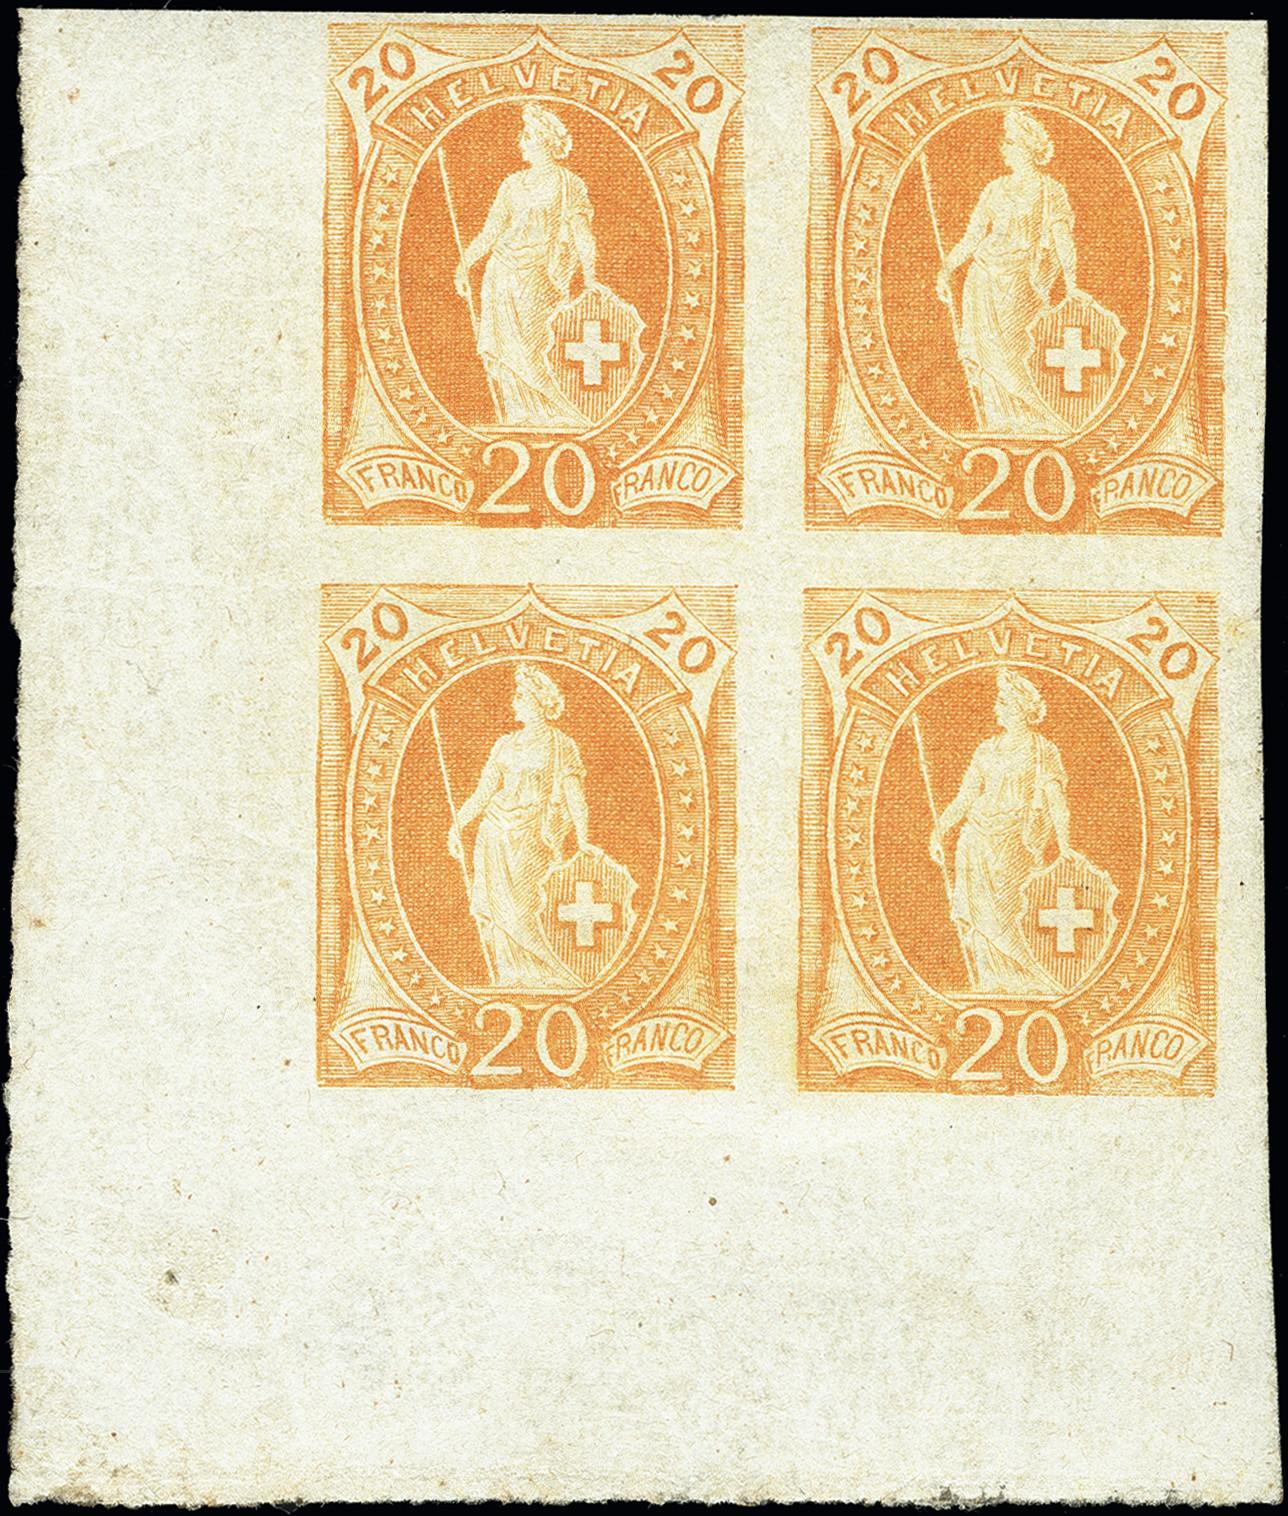 Lot 1027 - Switzerland swiss federal post -  Heinrich Koehler Auktionen Heinrich Köhler Auction 376 - Day 1